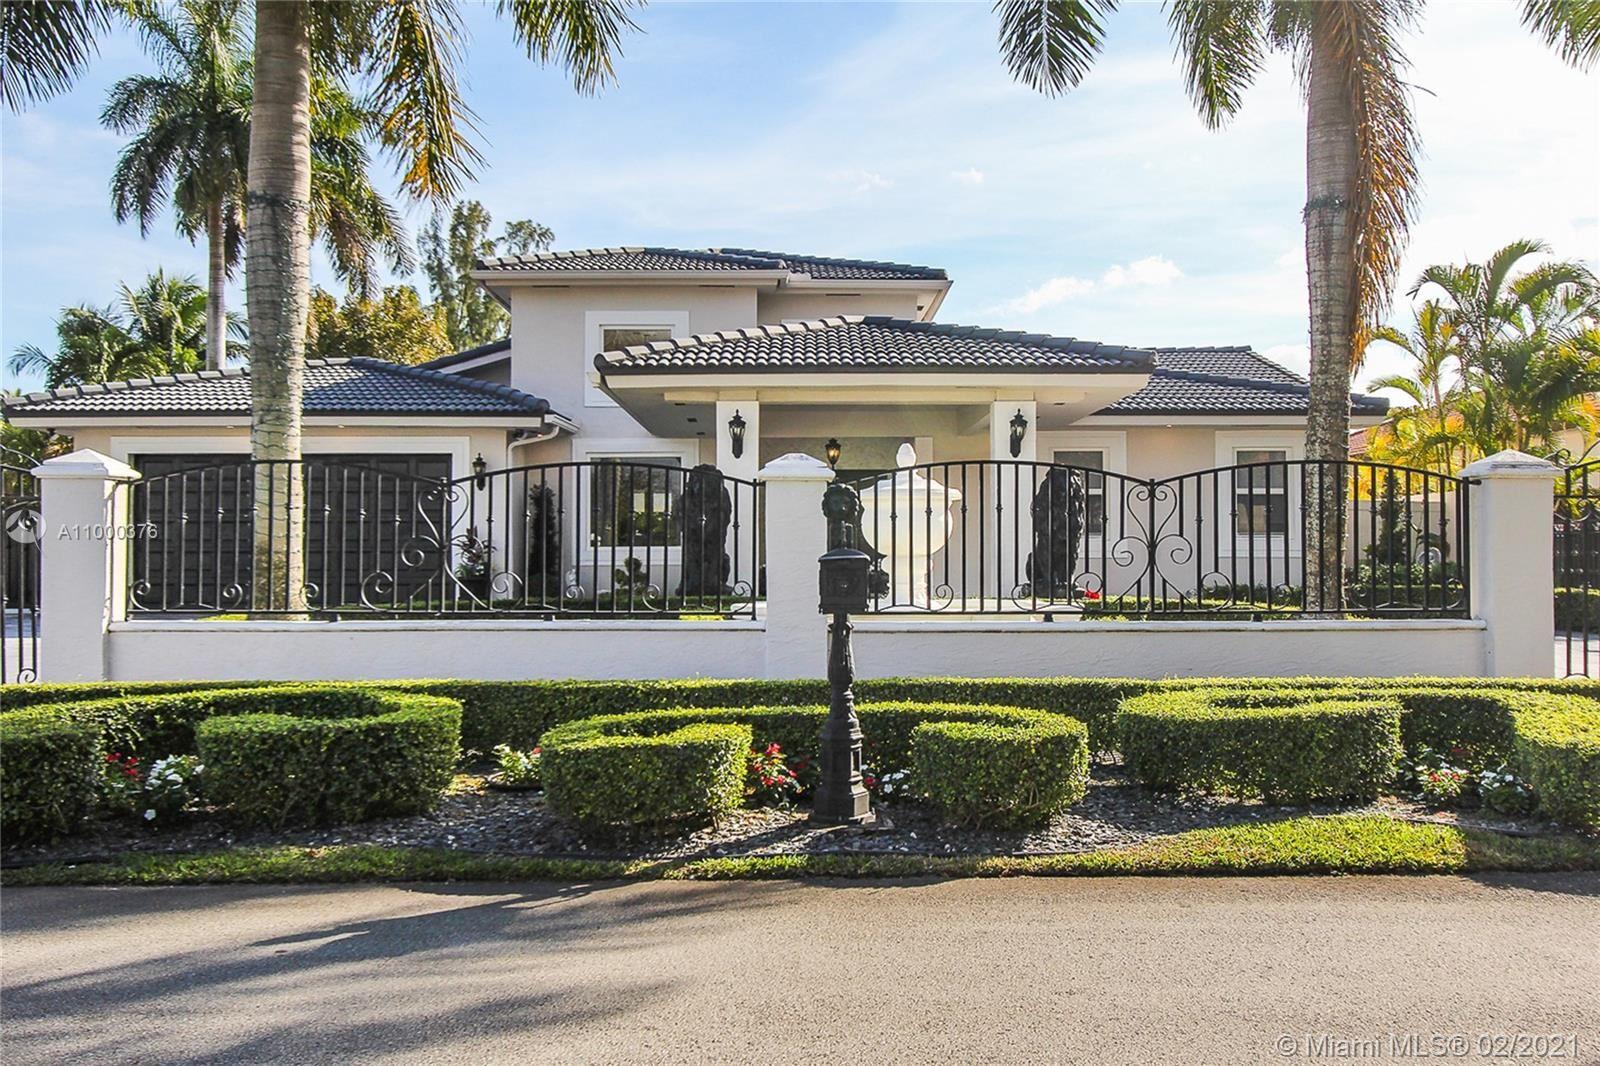 13340 SW 32nd St, Miami, FL 33175 - #: A11000376